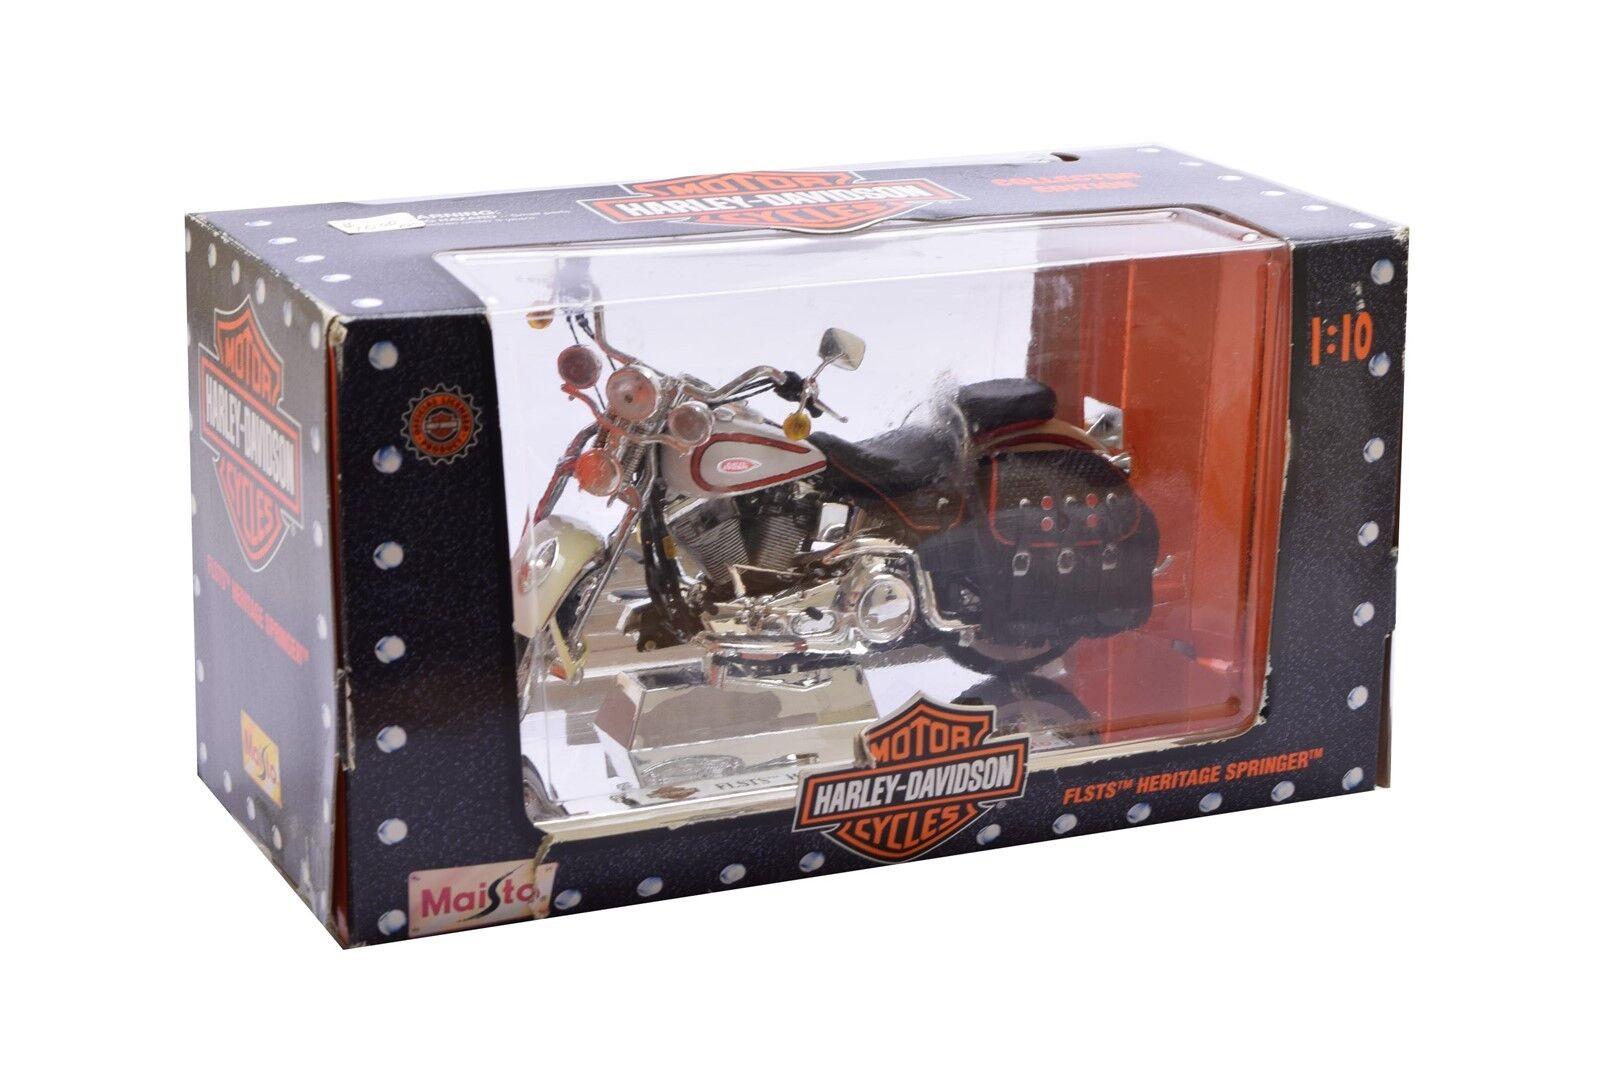 Felice shopping Harley-Davidson 1997 1997 1997 Maisto 1 10 FLSTS Heritage Springer Collectors edizione nuovo  marchio in liquidazione